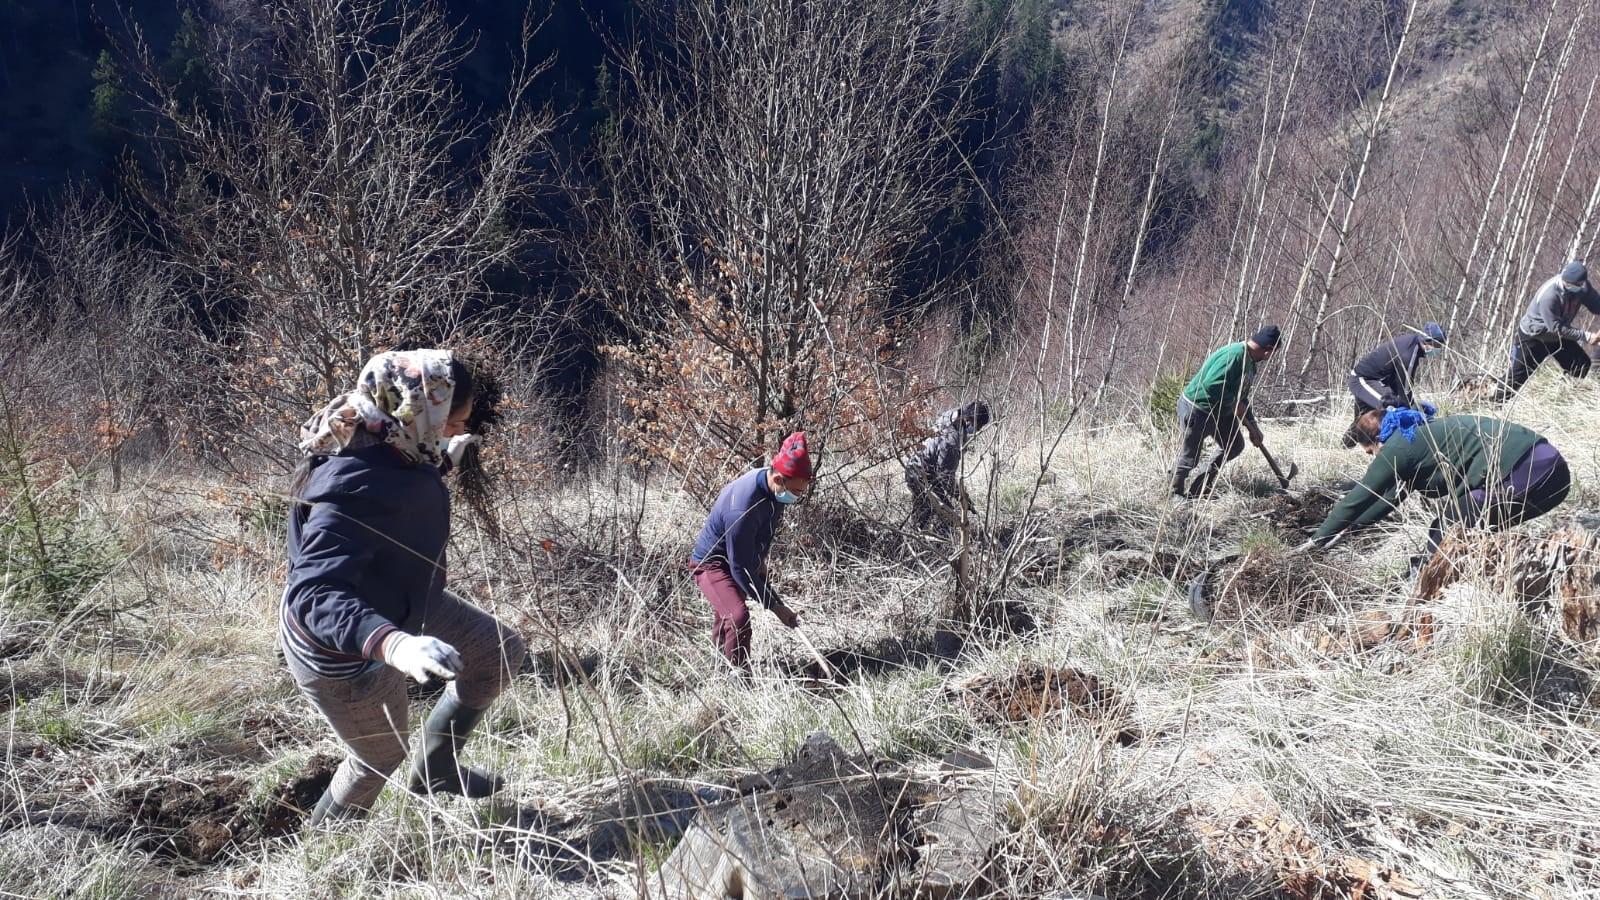 ZENTIVA plantează 20 000 de arbori pentru a reface o zonă din Munții Făgăraș